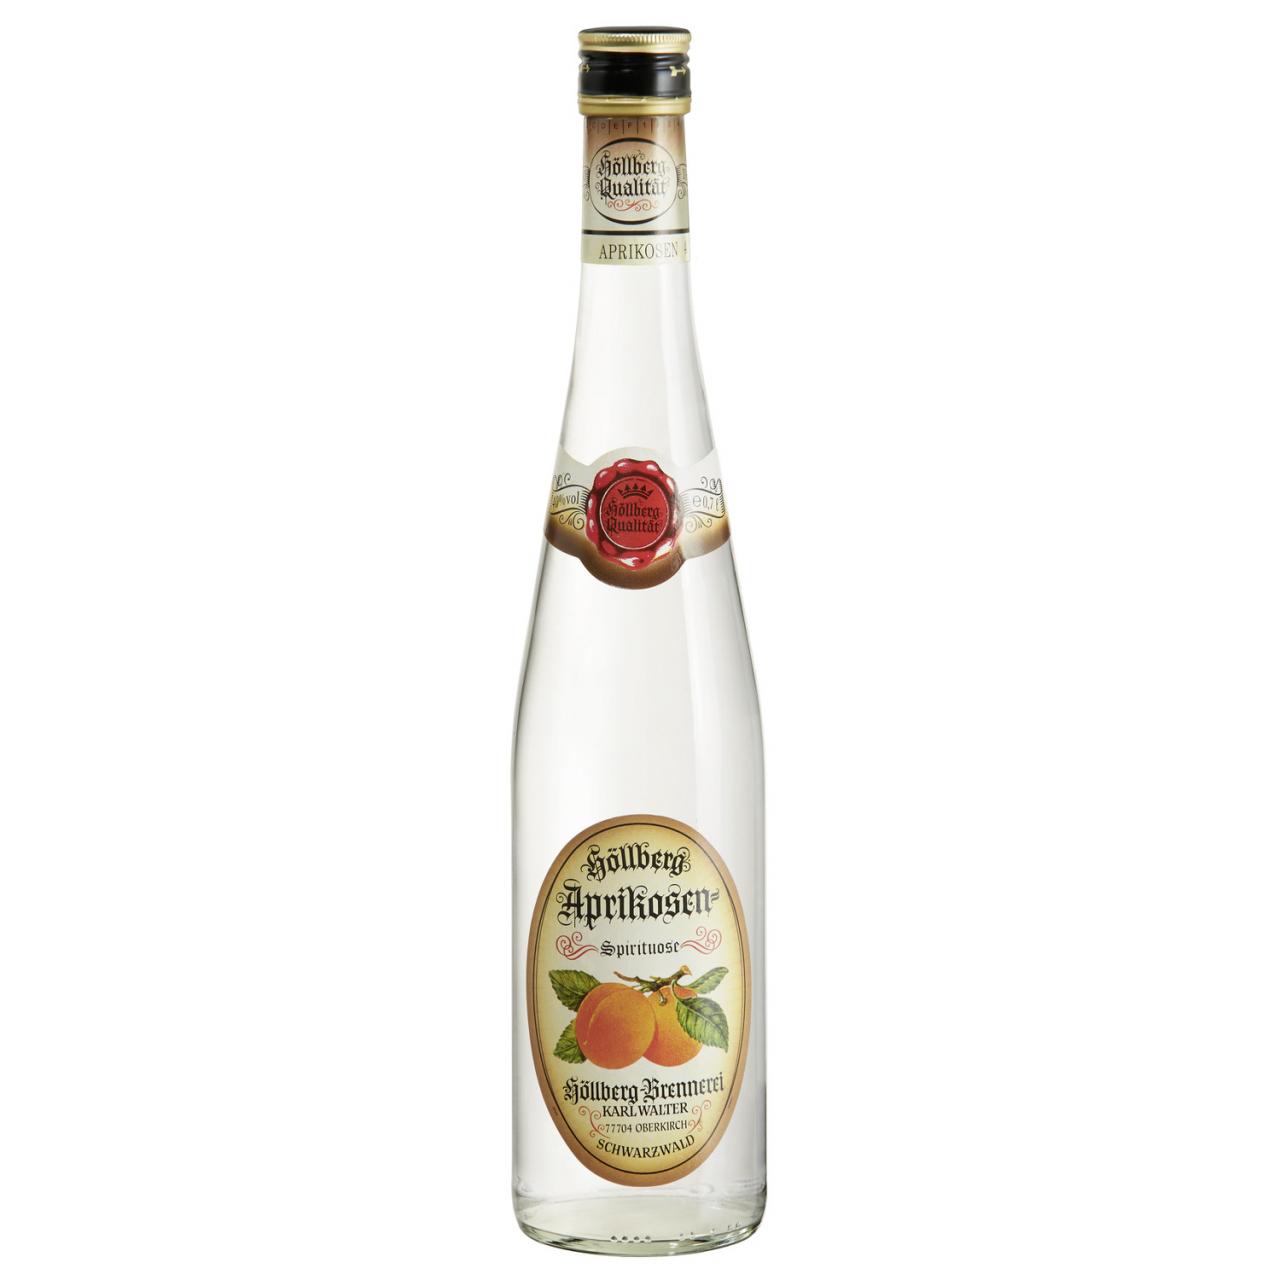 0,7 Liter Flasche Höllberg Aprikose mit 40% vol. Alkoholgehalt